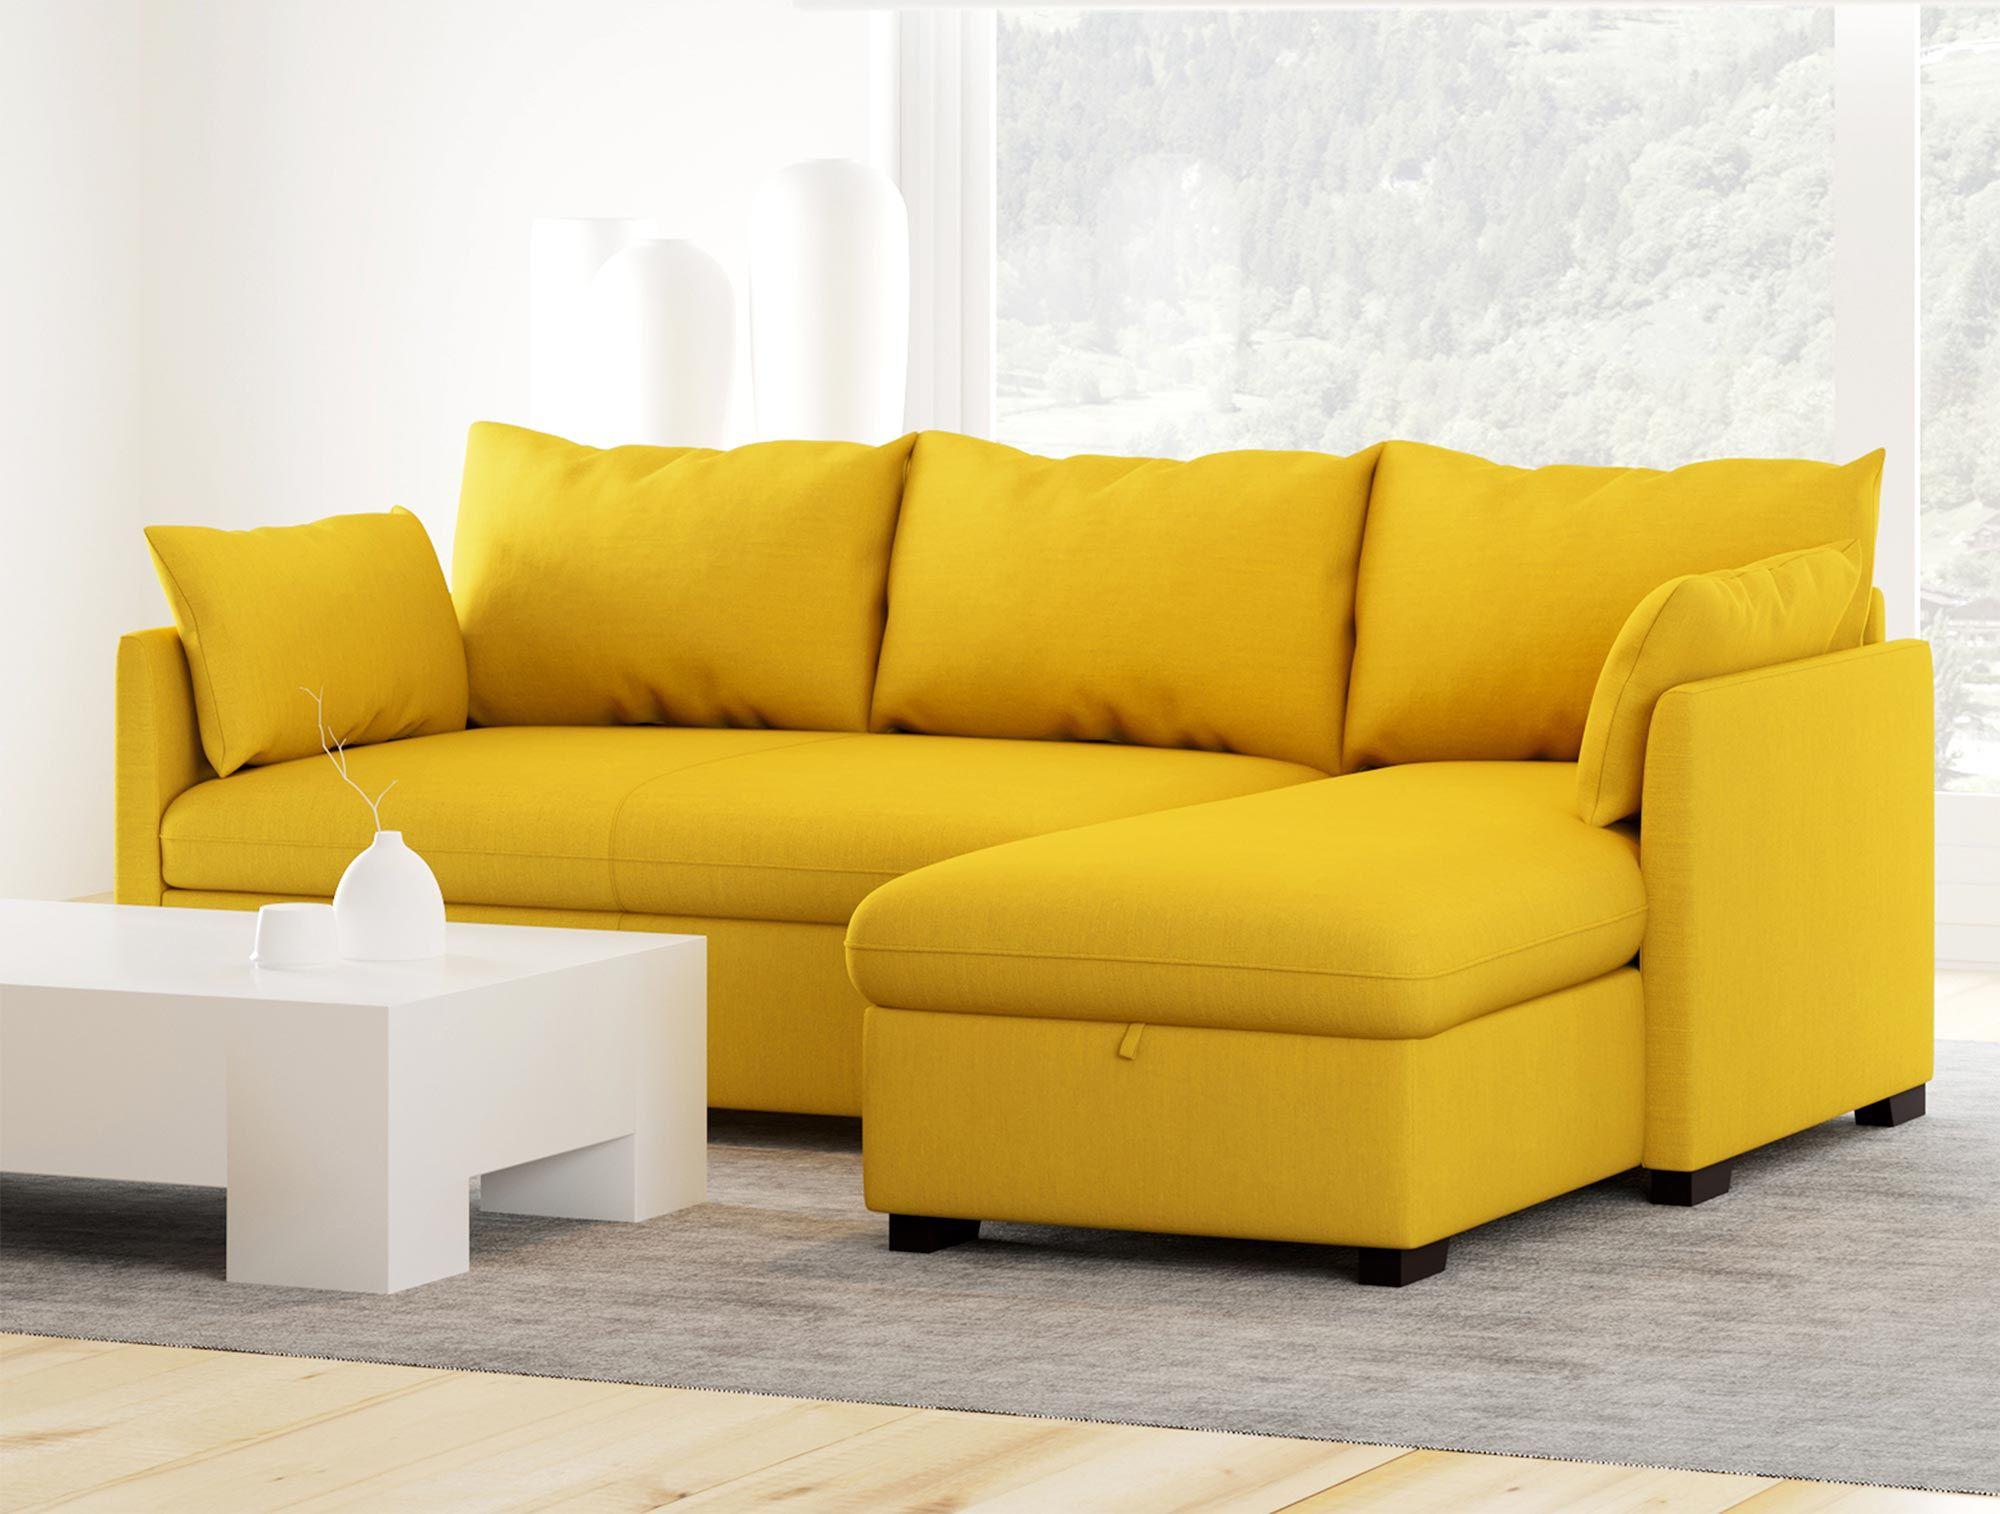 Canapé méridienne avec lit réversible en tissu - Modèle COSY - Conforama